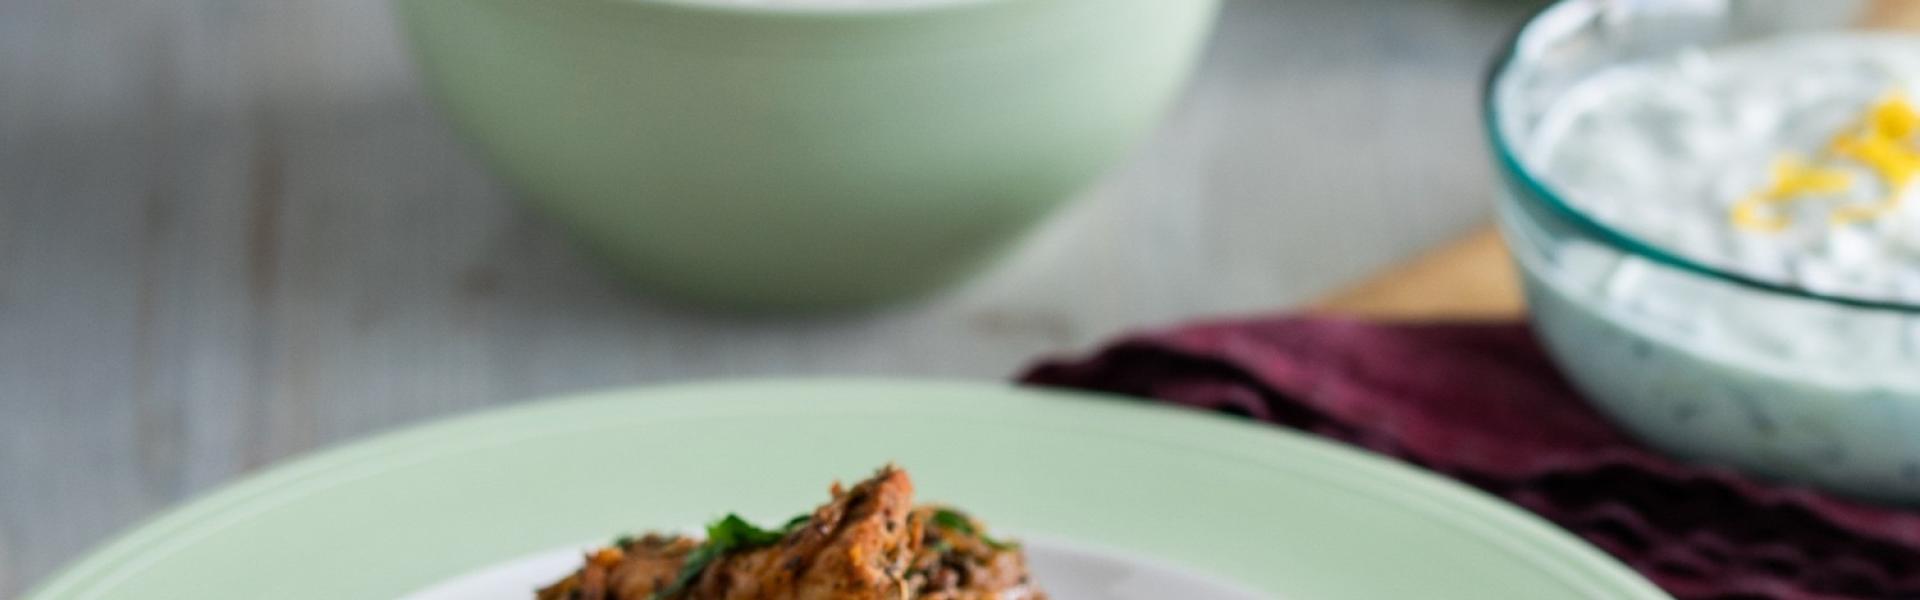 Hähnchengyros mit Tzatziki und Reis auf einem Teller